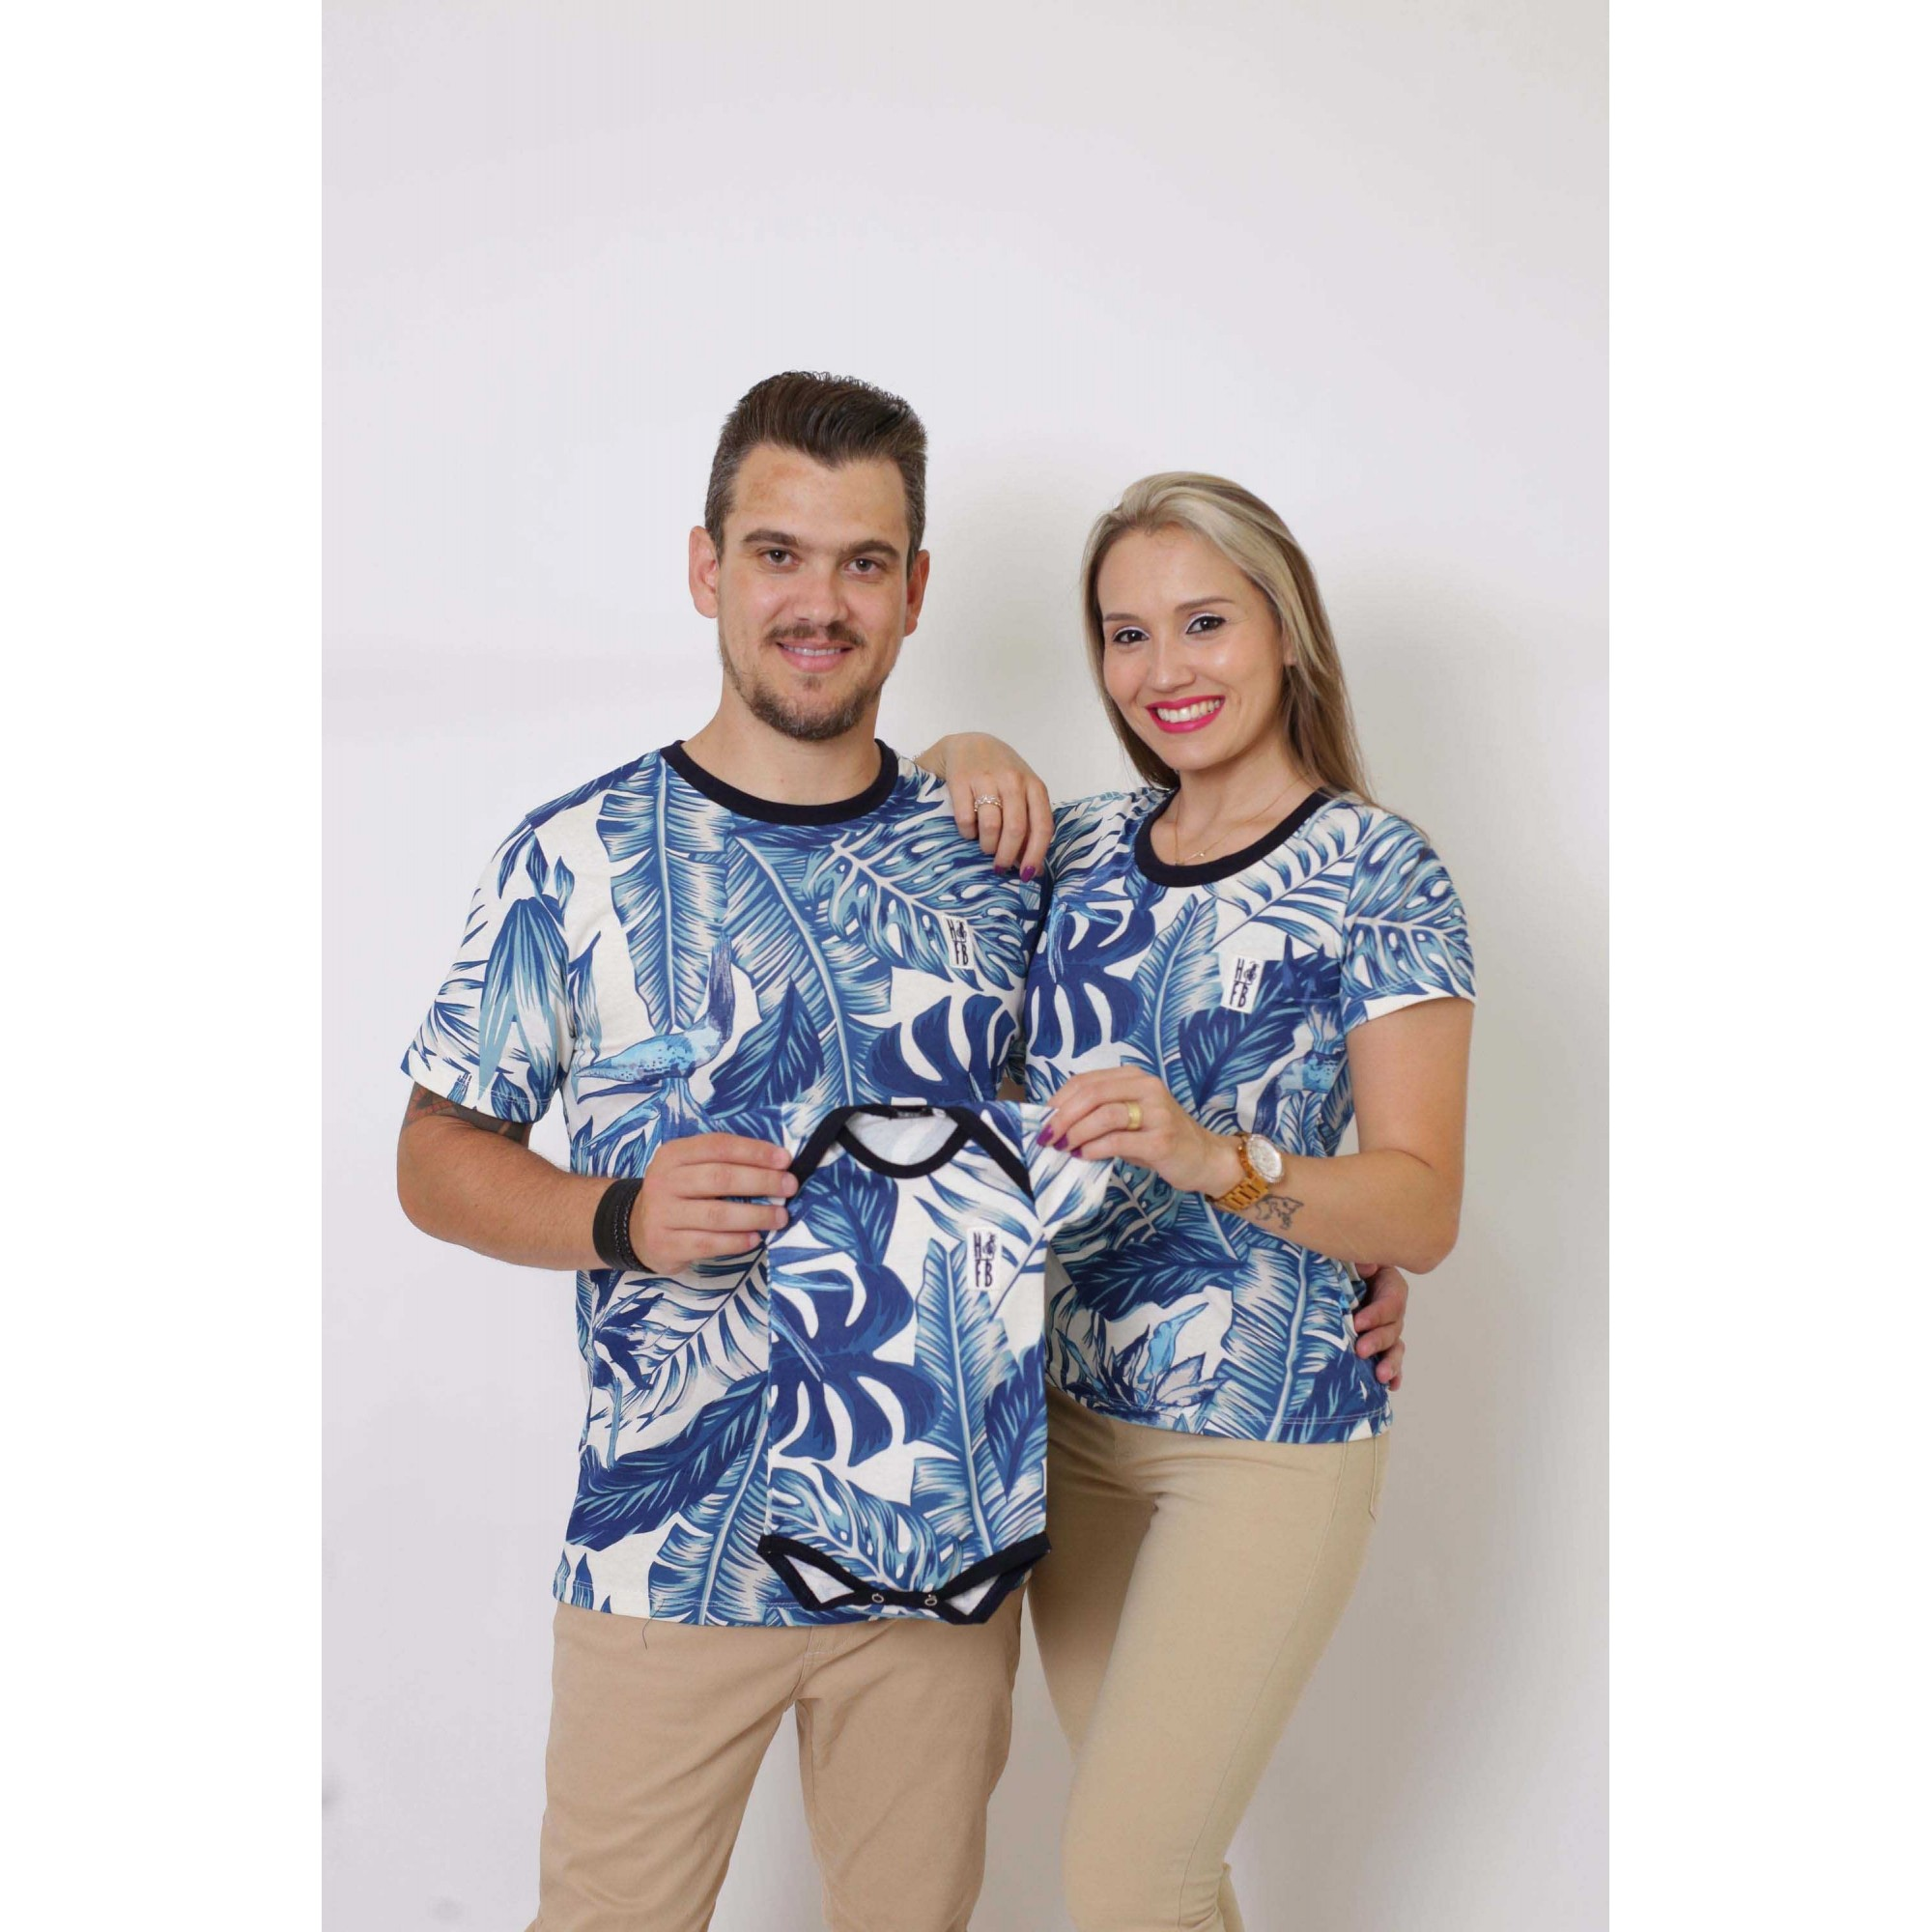 PAIS E FILHOS > Kit 3 Peças T-Shirt - Caribe [Coleção Família]  - Heitor Fashion Brazil